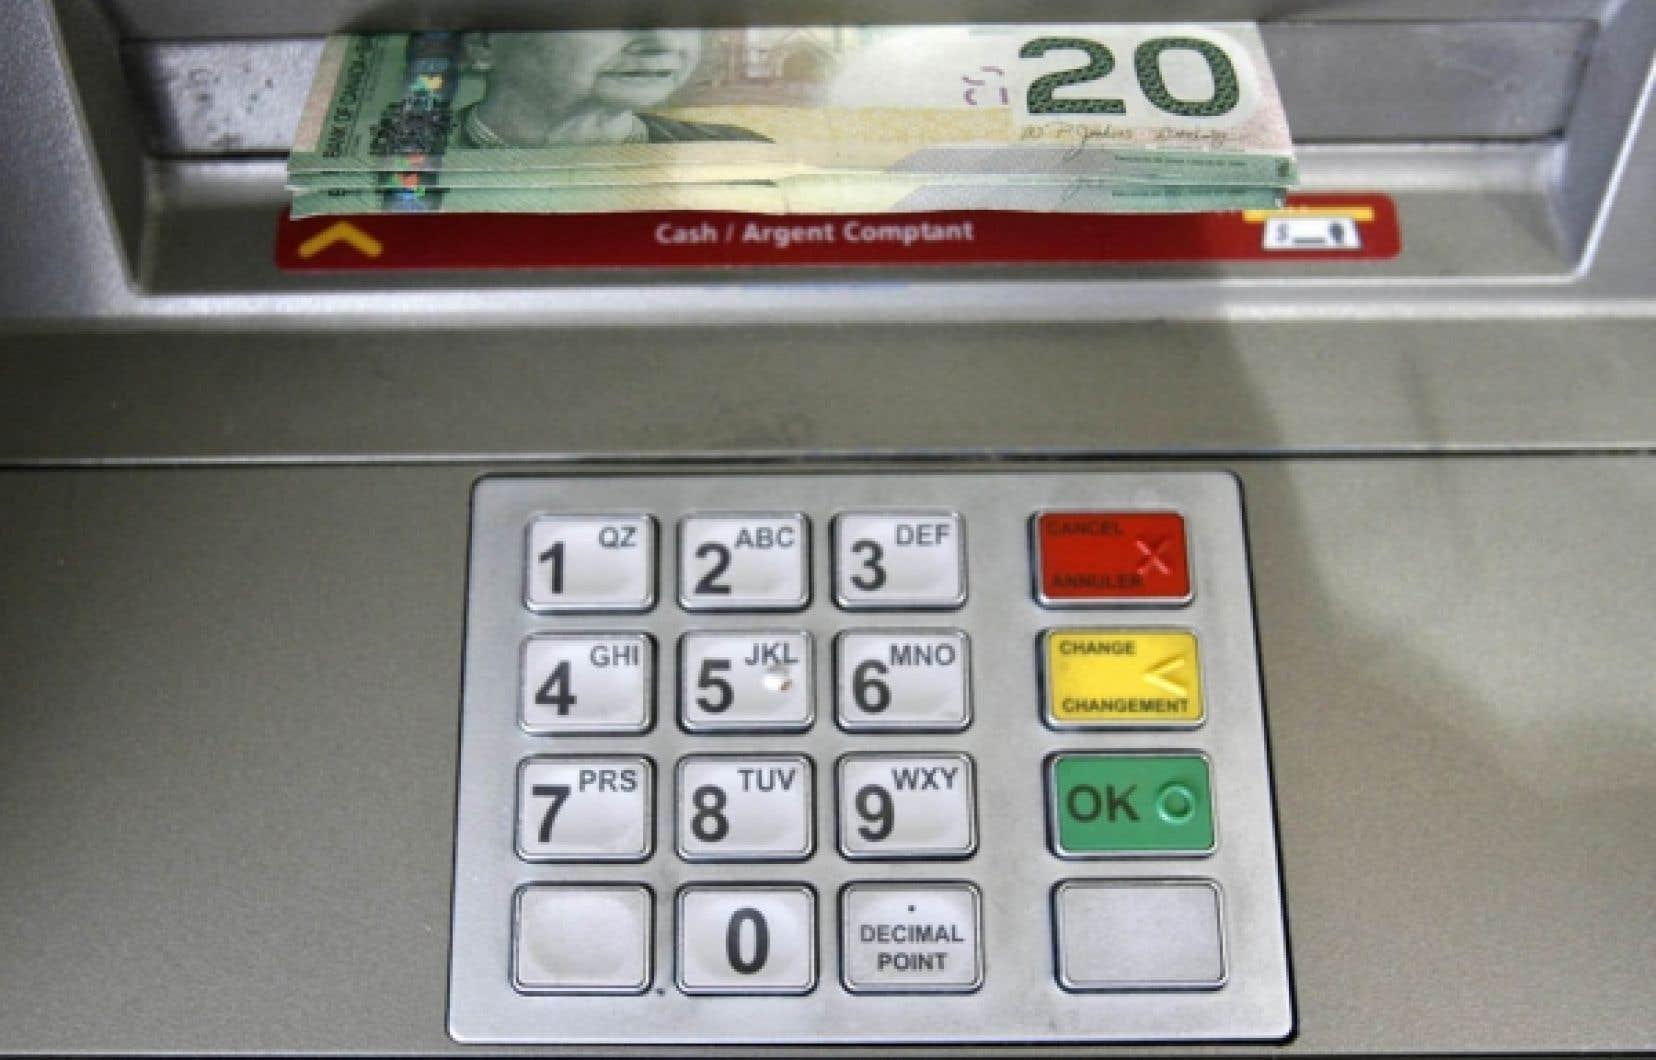 Près de 60 % des transactions effectuées au Canada le sont avec une carte de débit.